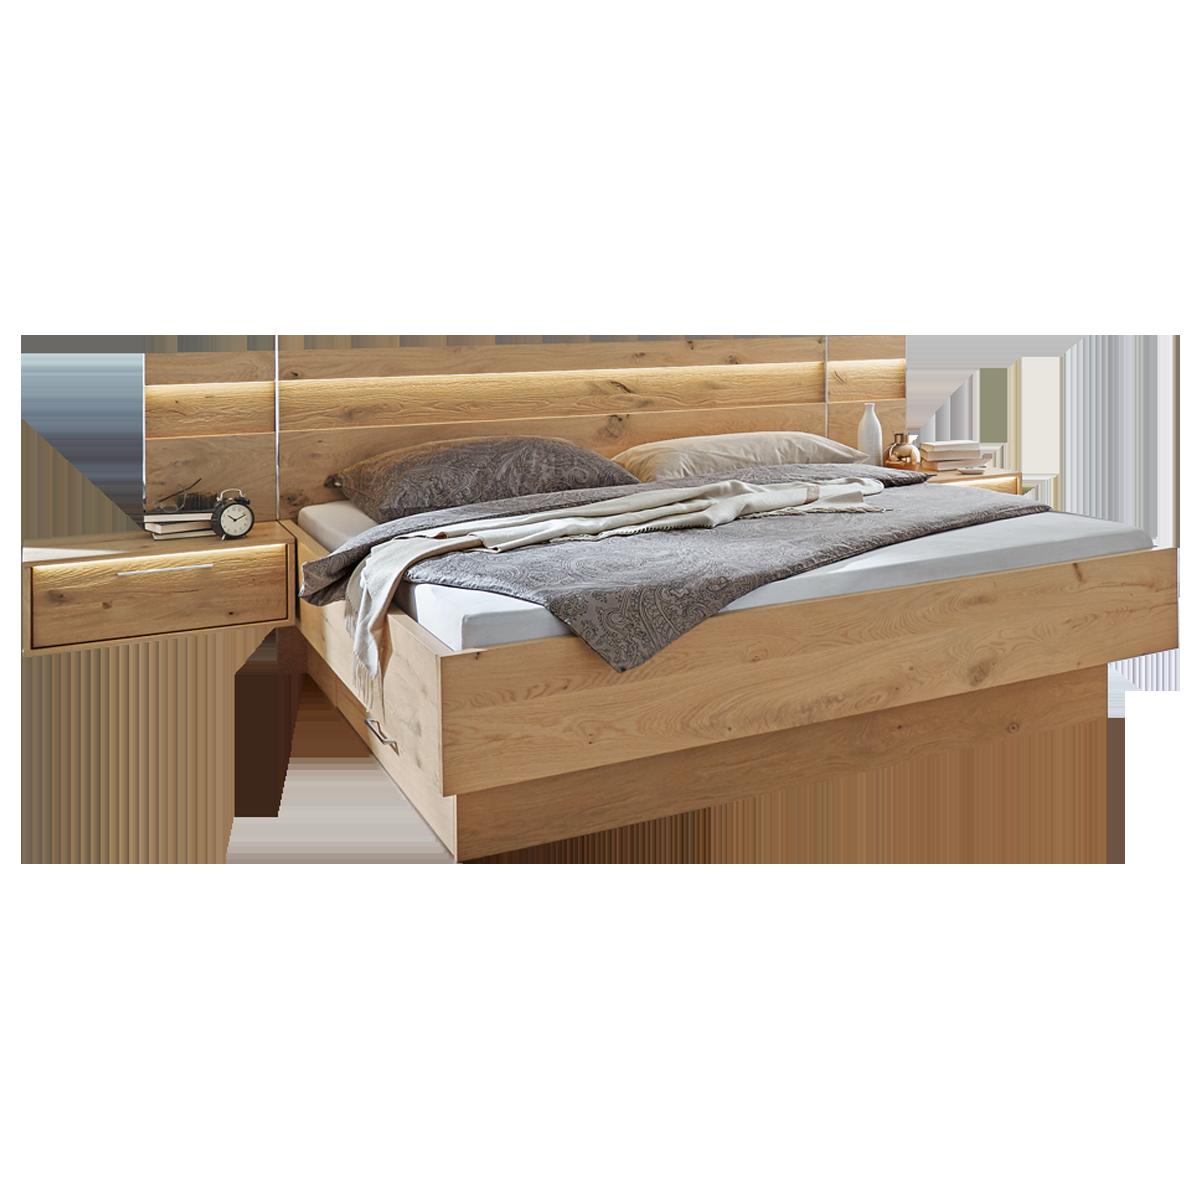 Disselkamp Cadiz Schlafzimmer Doppelbett mit hängenden Nachtkonsolen